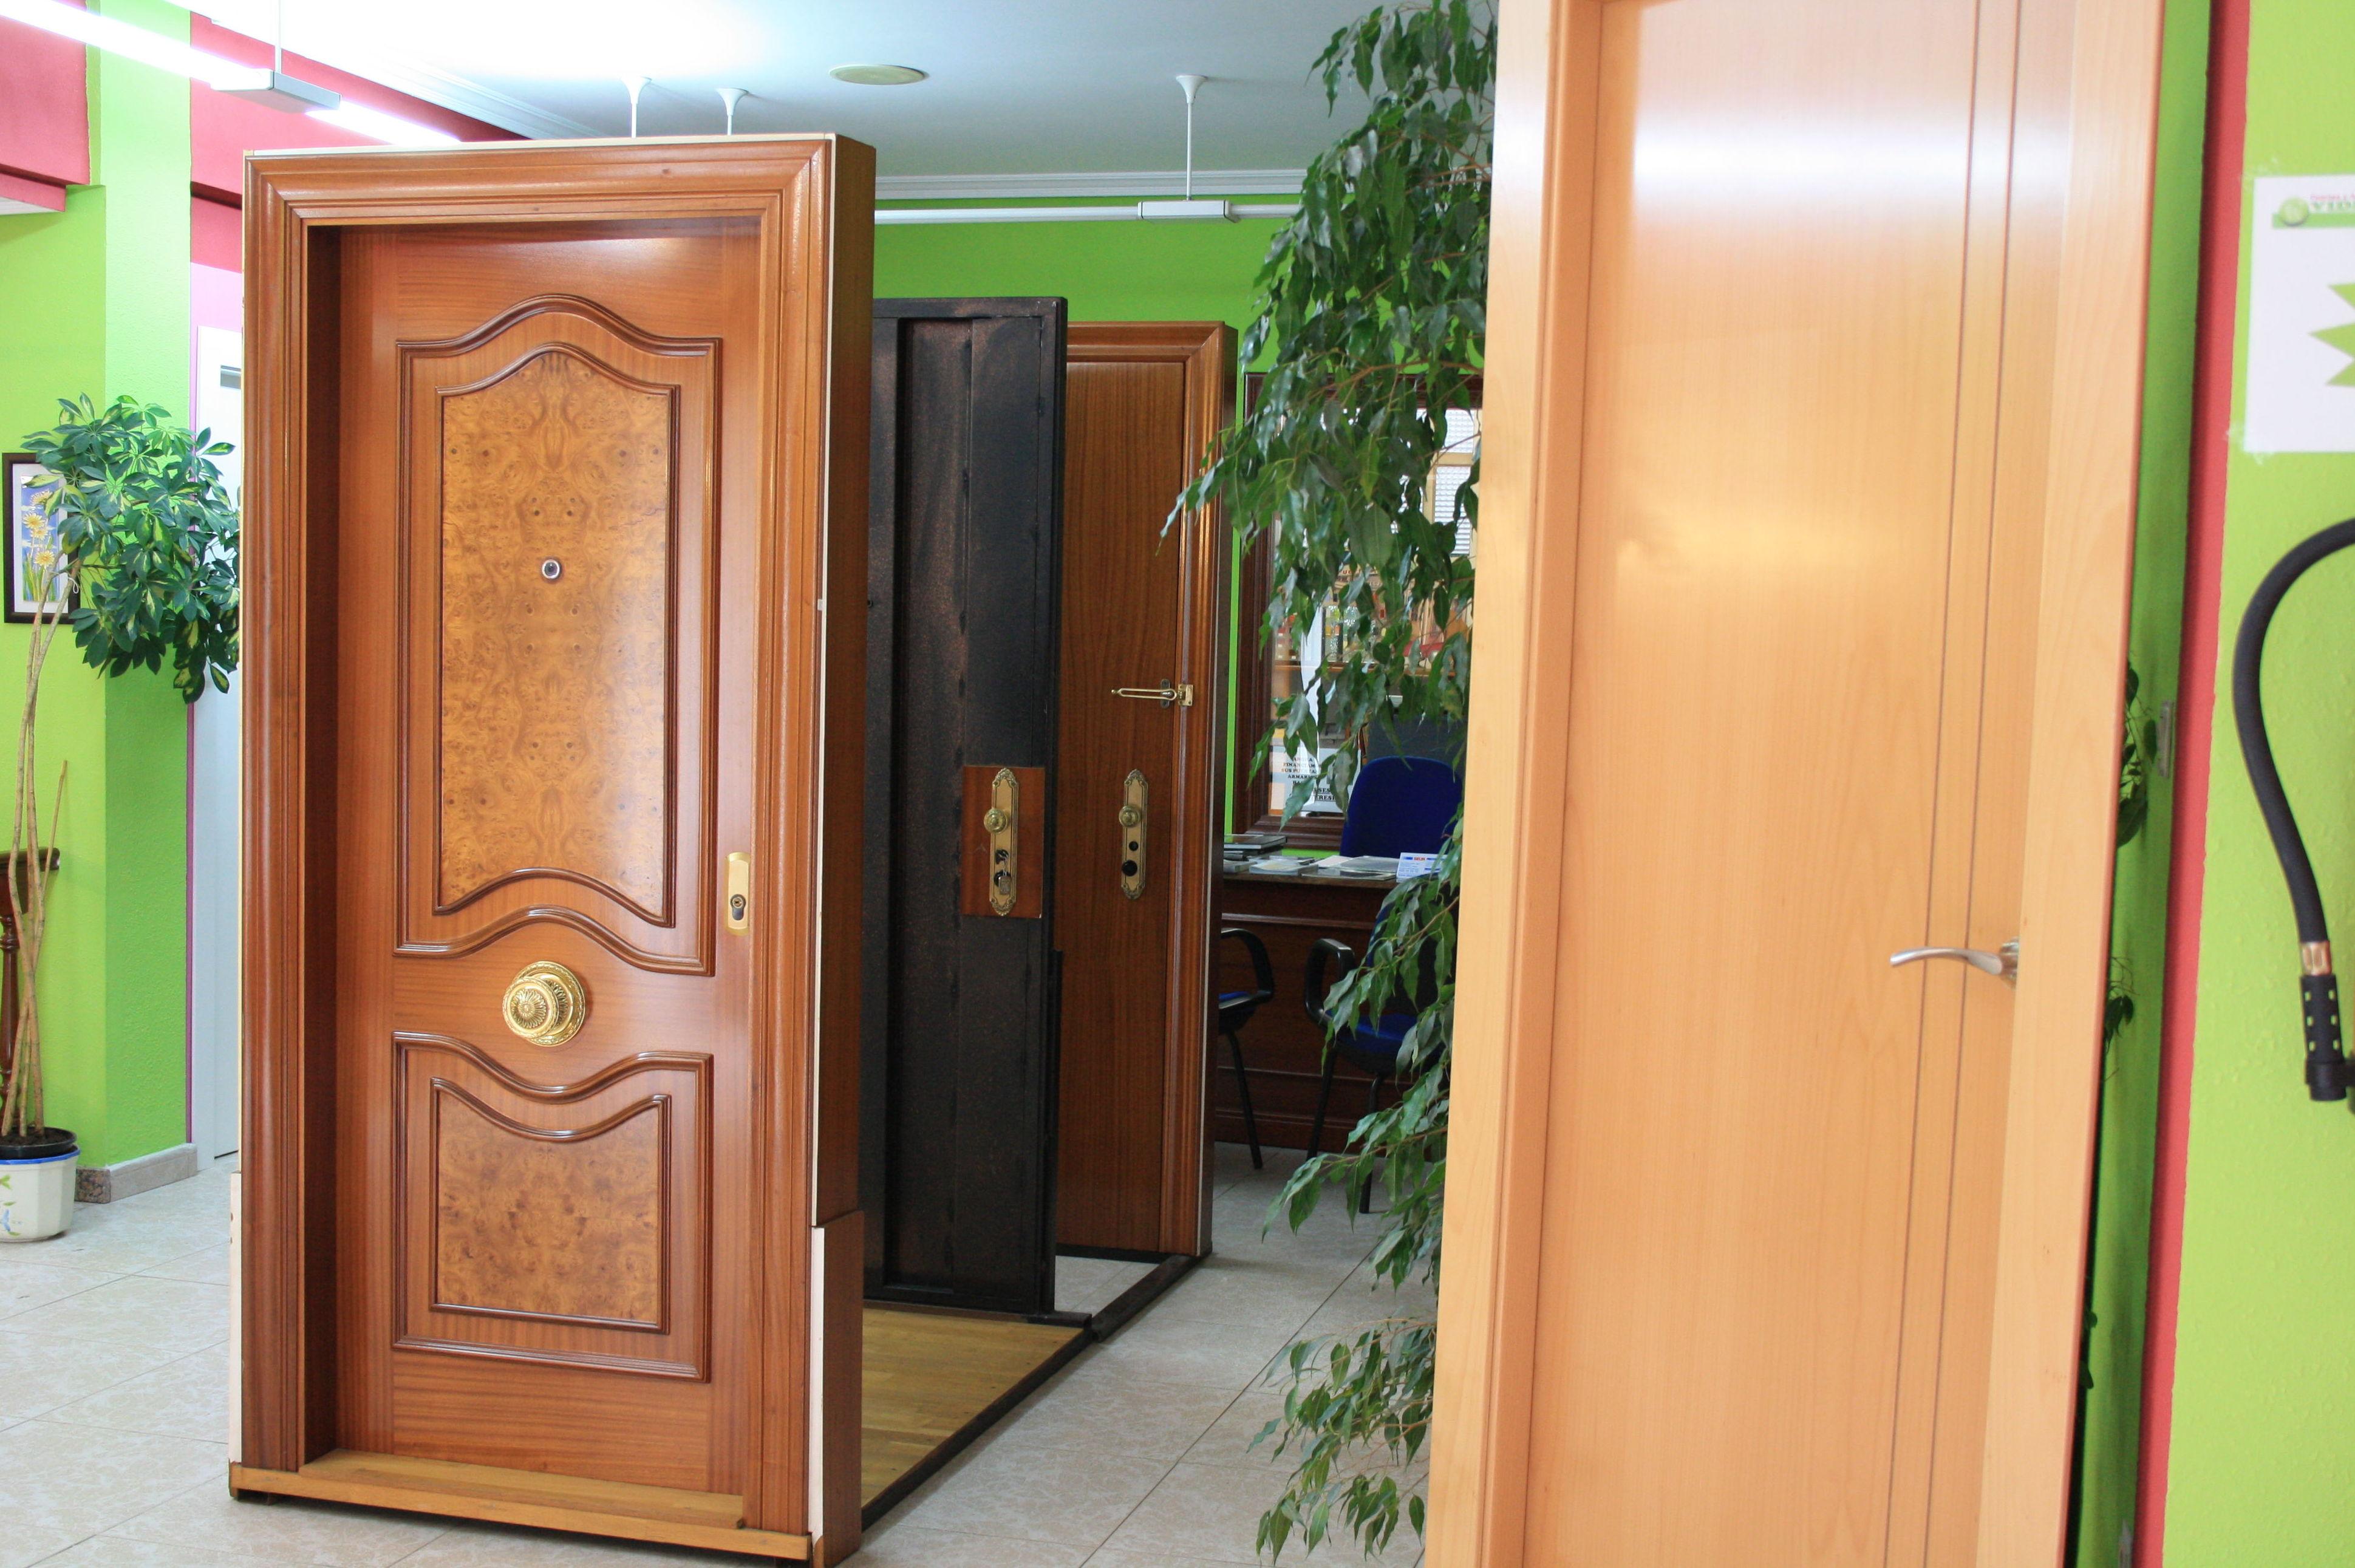 Puertas acorazadas for Puertas acorazadas